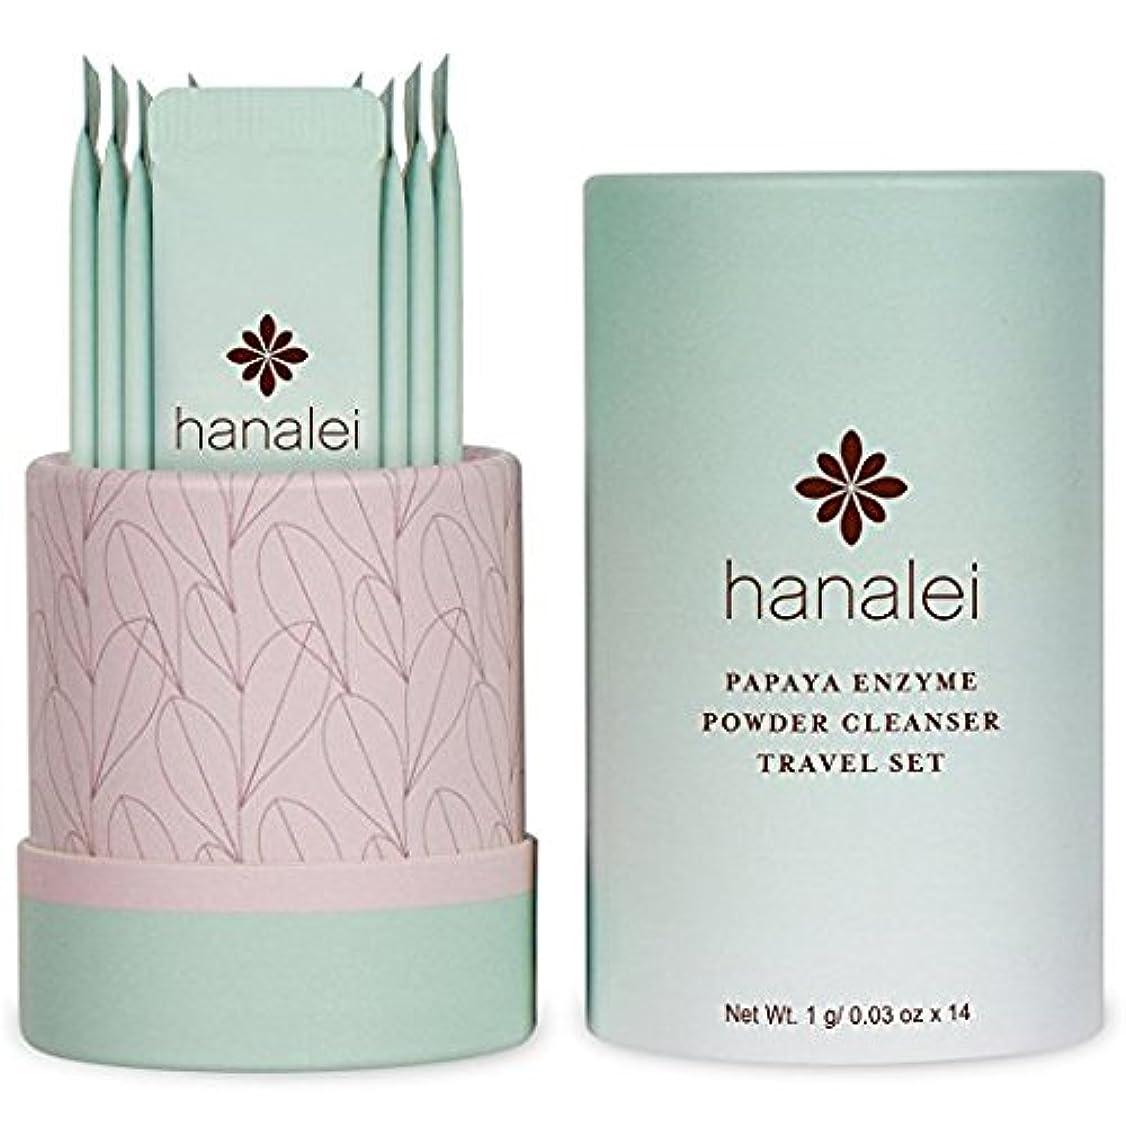 光ミントスピーカーHanalei (ハナレイ)パパイヤ酵素洗顔料 1g x 14 パック(Papaya Enzyme Powder Facial Cleanser Travel Set - 14 pack)